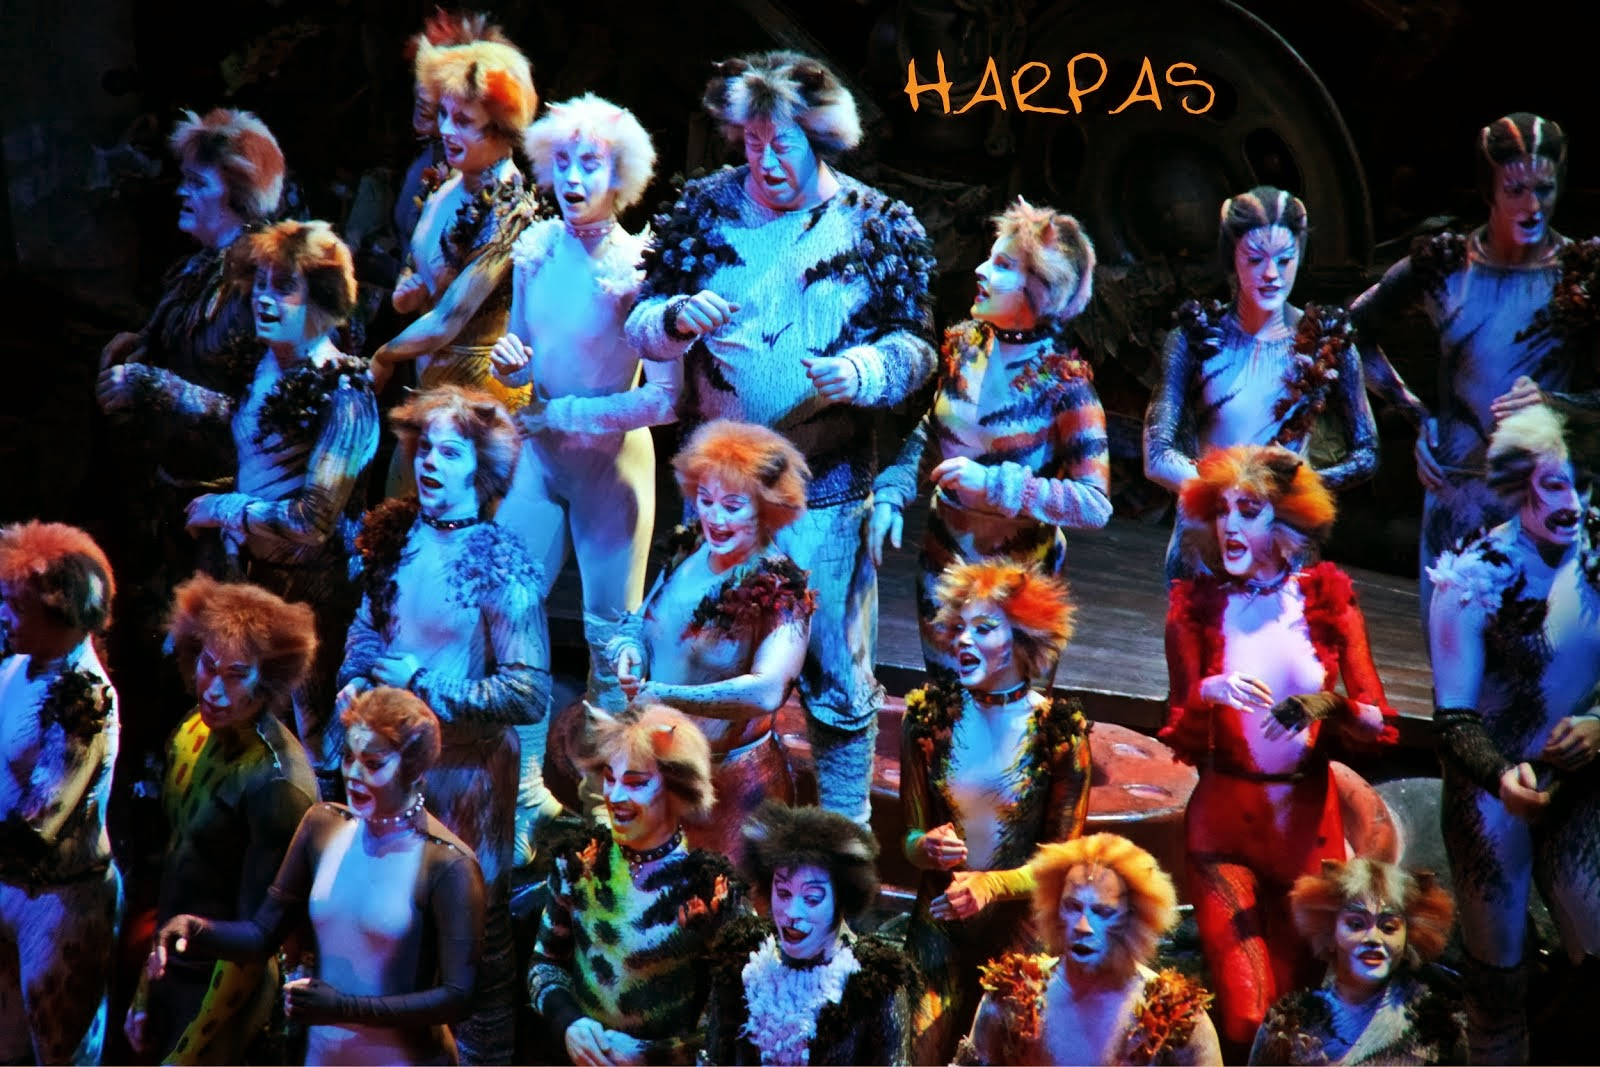 Οι «Cats» του Andrew Weber …..ξεχύθηκαν στο Μέγαρο Μουσικής Θεσσαλονίκης :